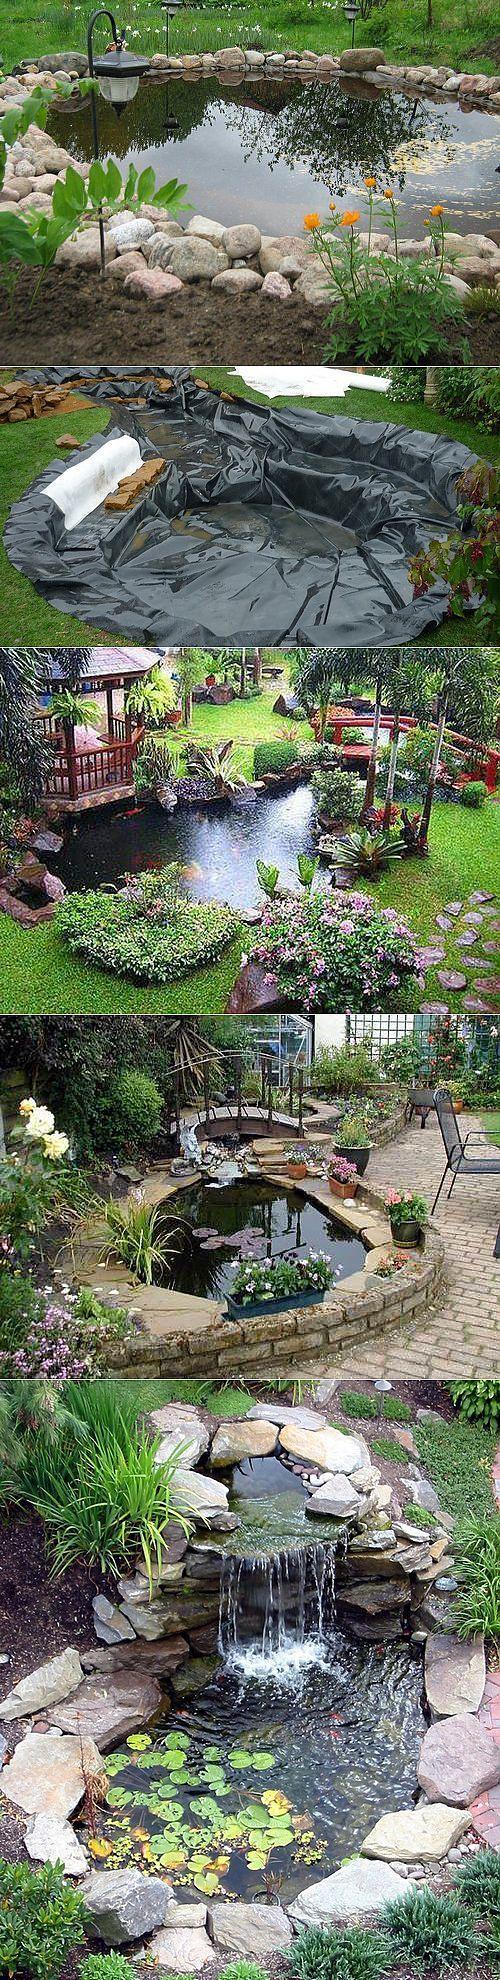 Teiche, Wasser, Selbermachen, Gartenteiche, Landschaftsbau Ideen, Teich  Wasserfall, Teich Ideen, Gartenideen, Fischteiche